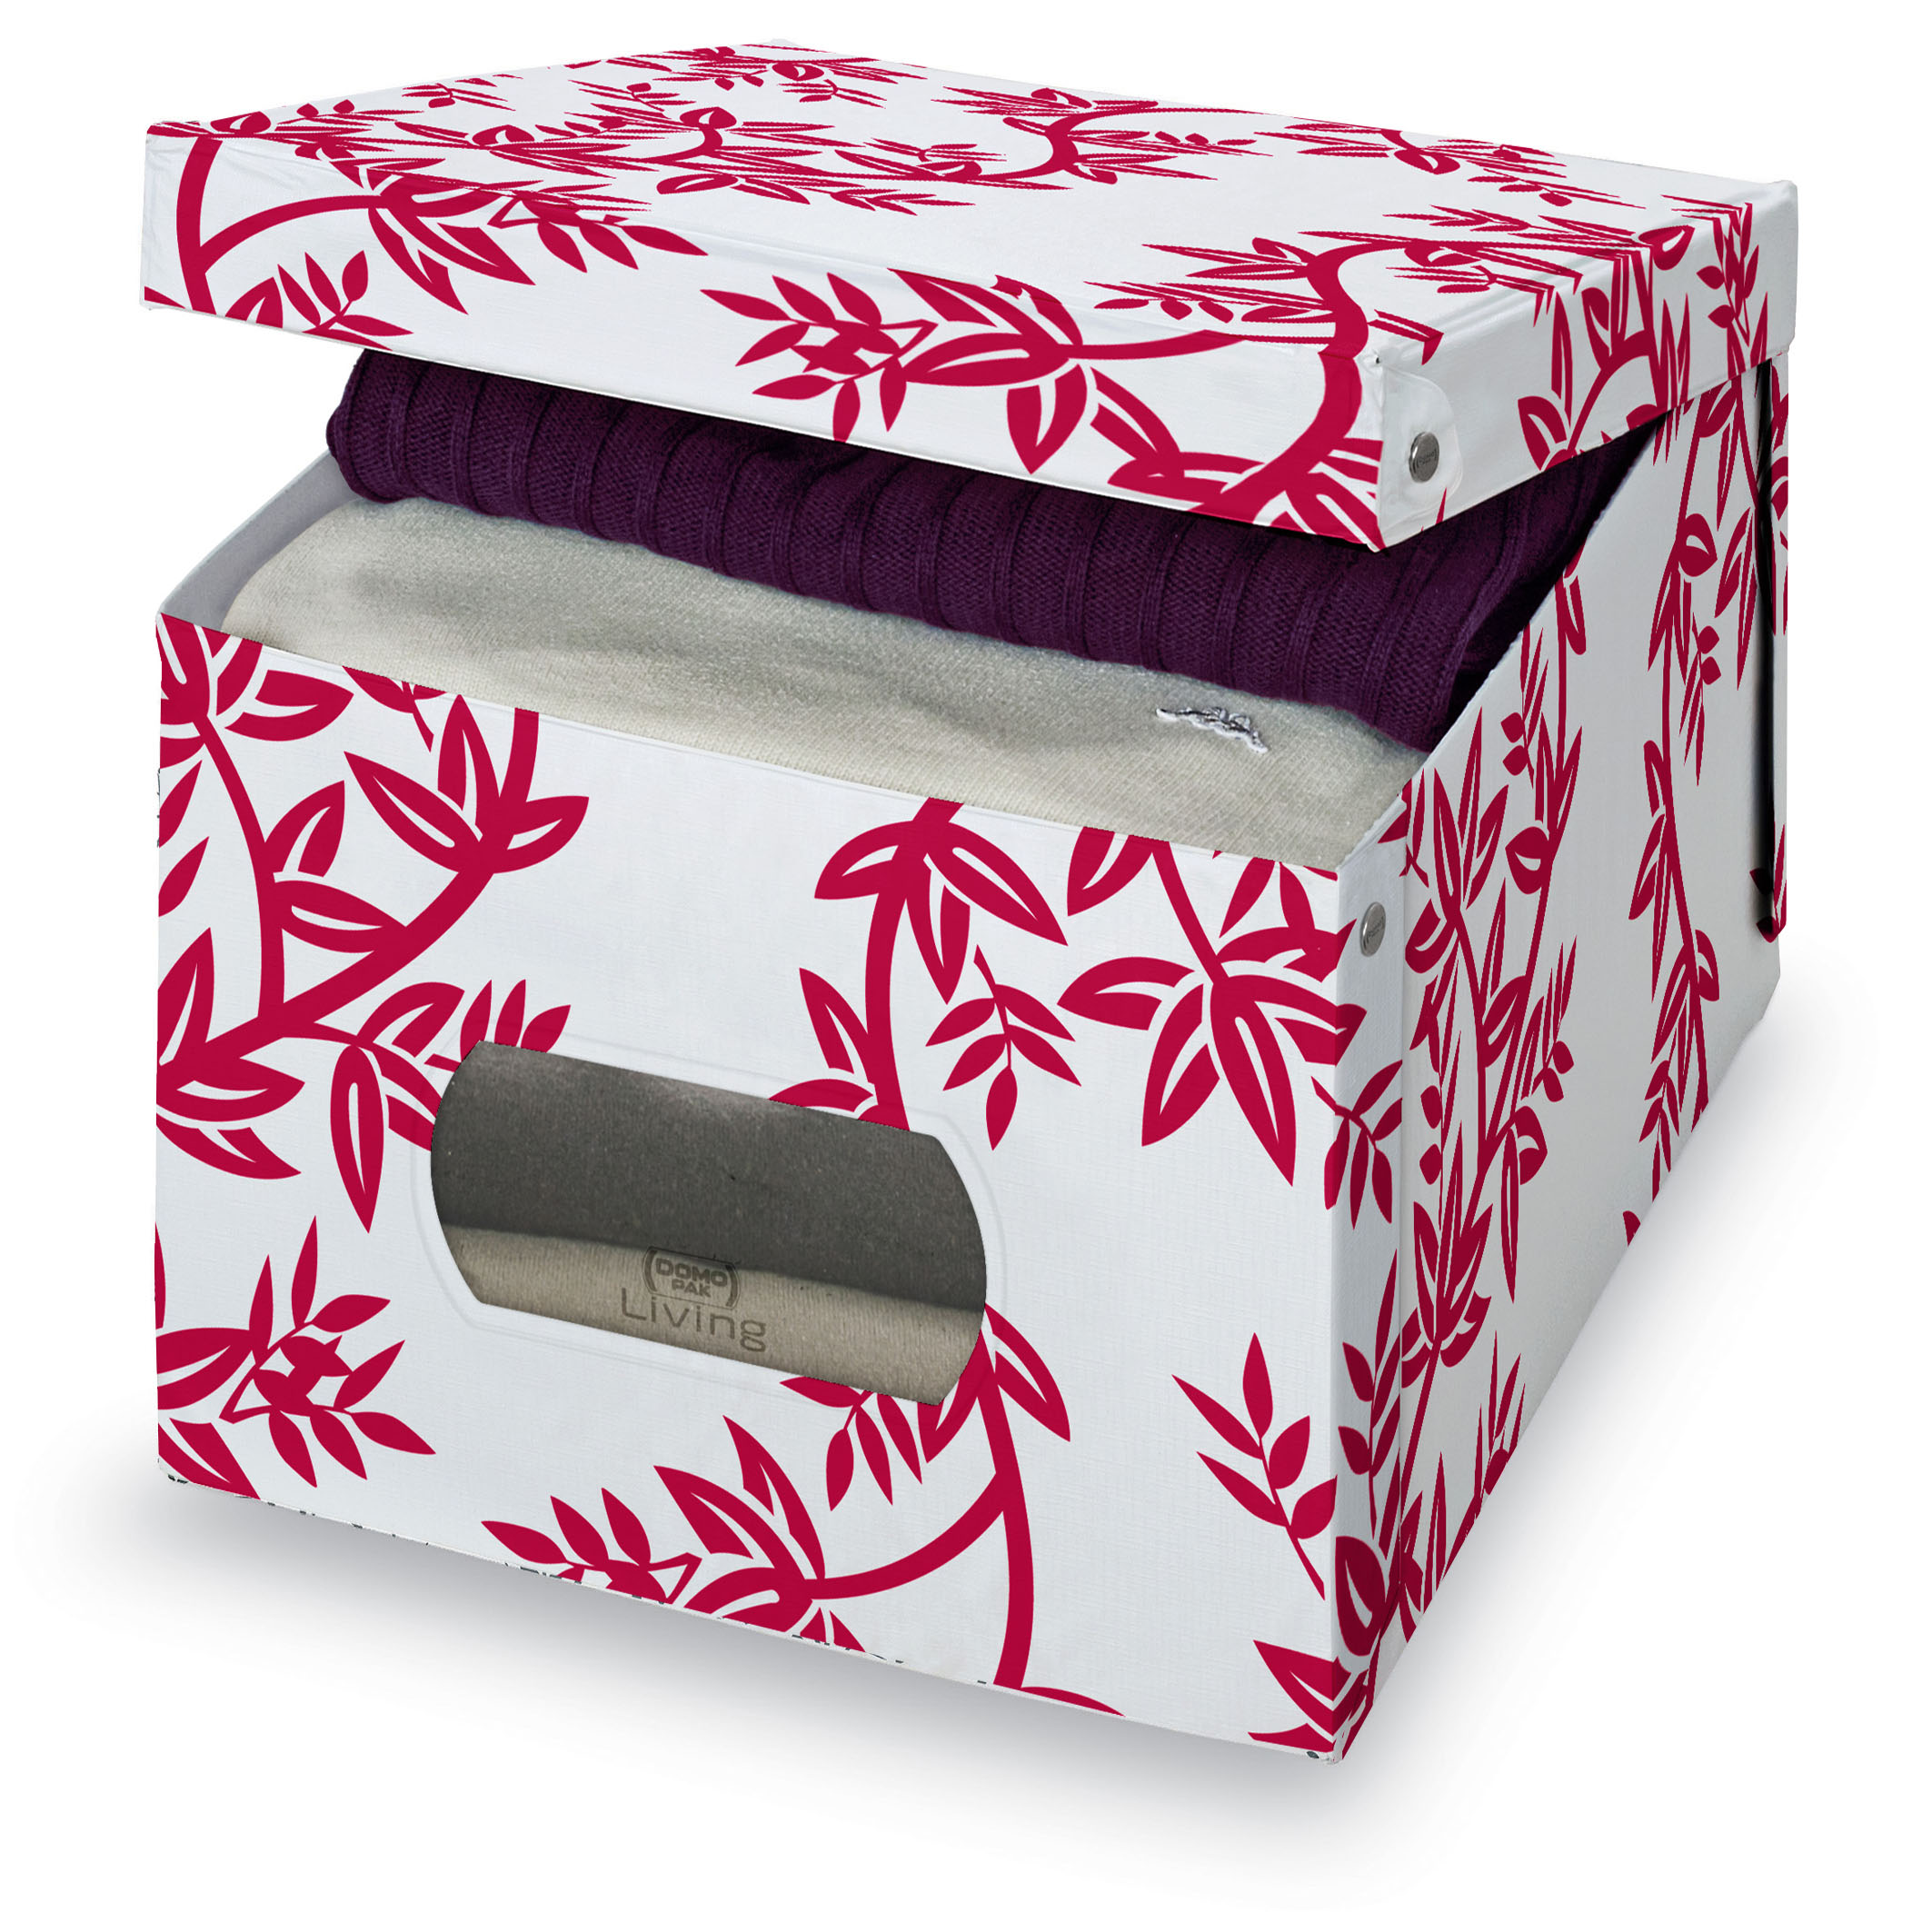 DOMOPAK Living Úložný box s oknem s větvičkami Velikost: menší